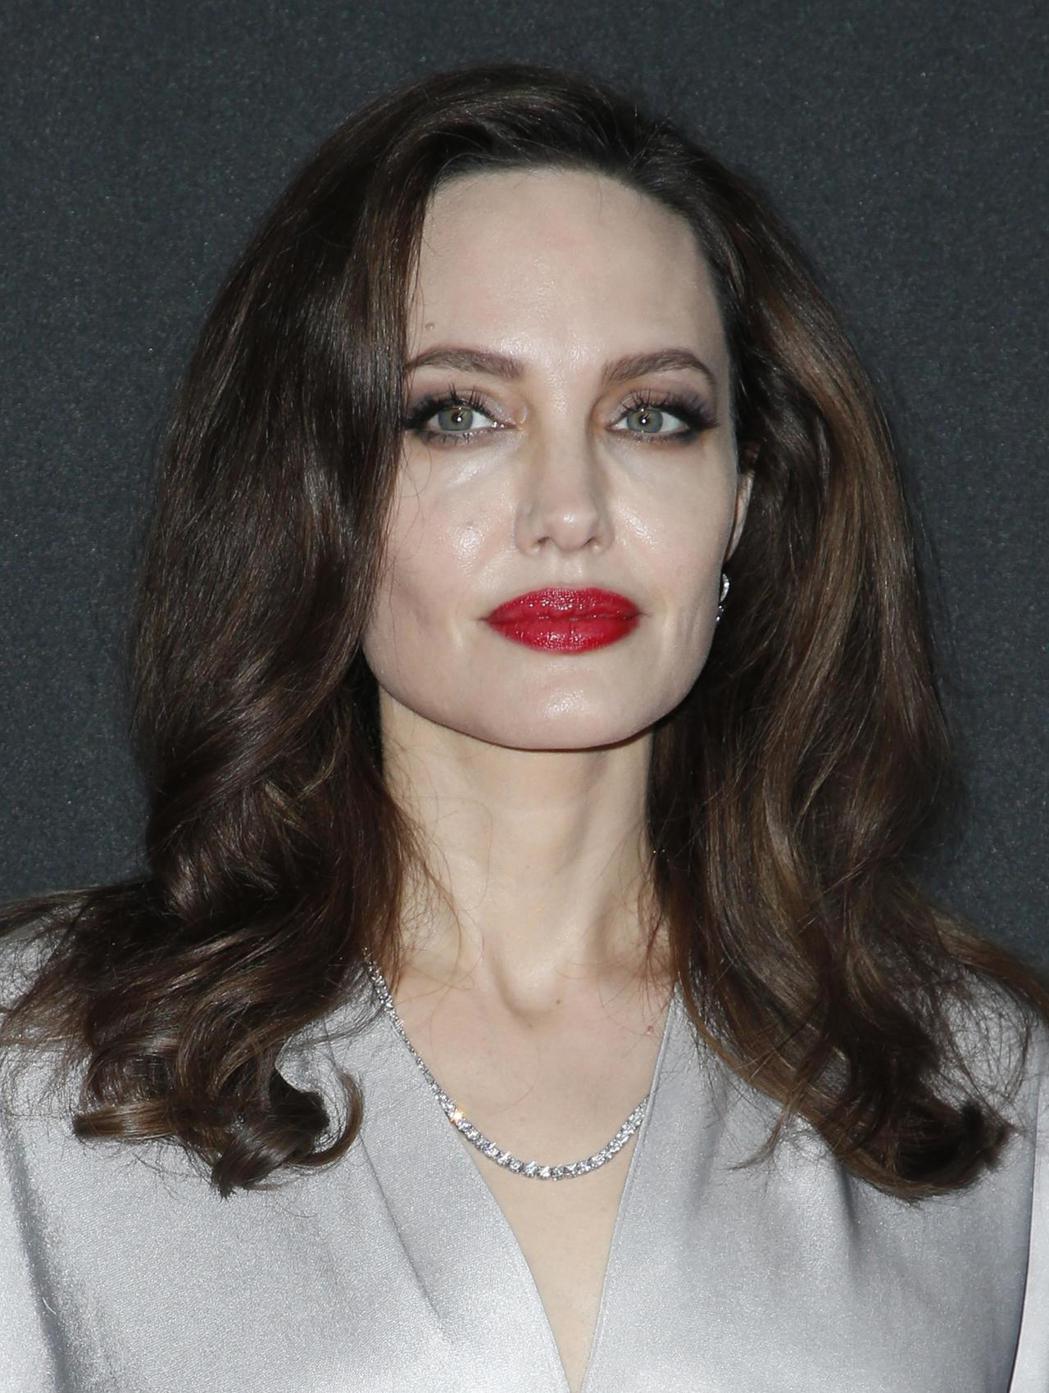 安琪莉娜裘莉的豐潤下唇也是目前受歡迎的唇形。圖/路透資料照片